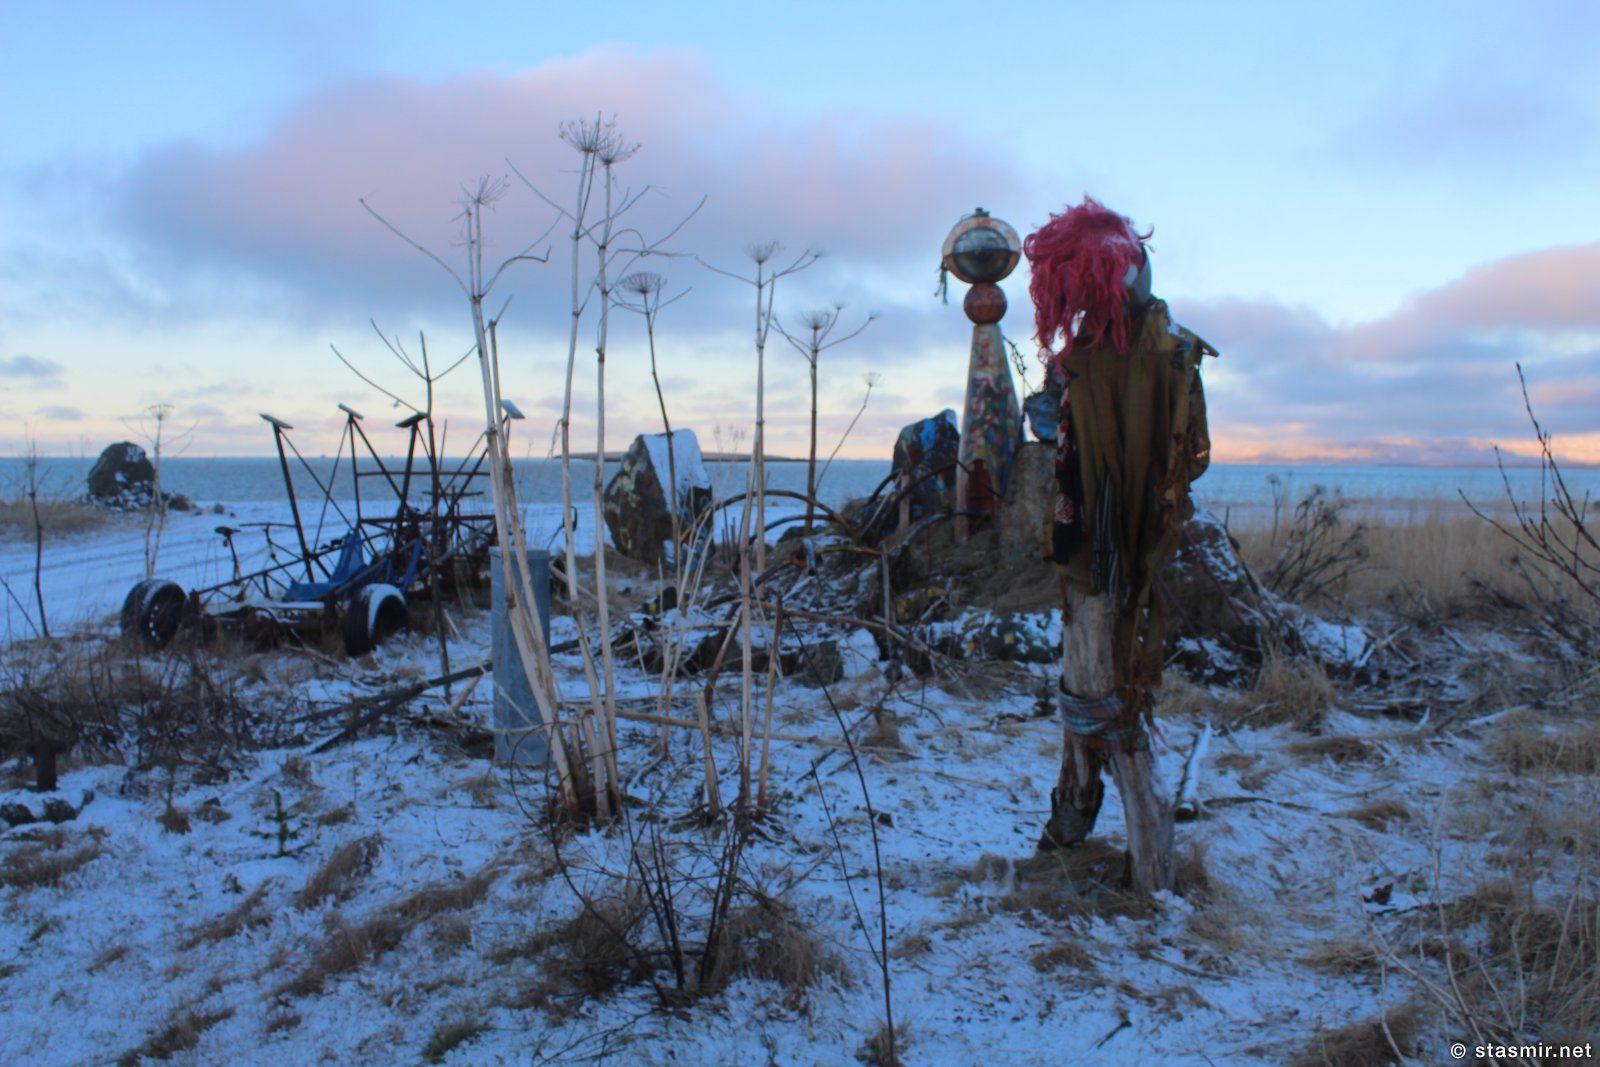 страшилки рядом с обиталищем режиссера Храпна Гюннлёйгссона в Рейкьявике, фото Стасмир, photo Stasmir